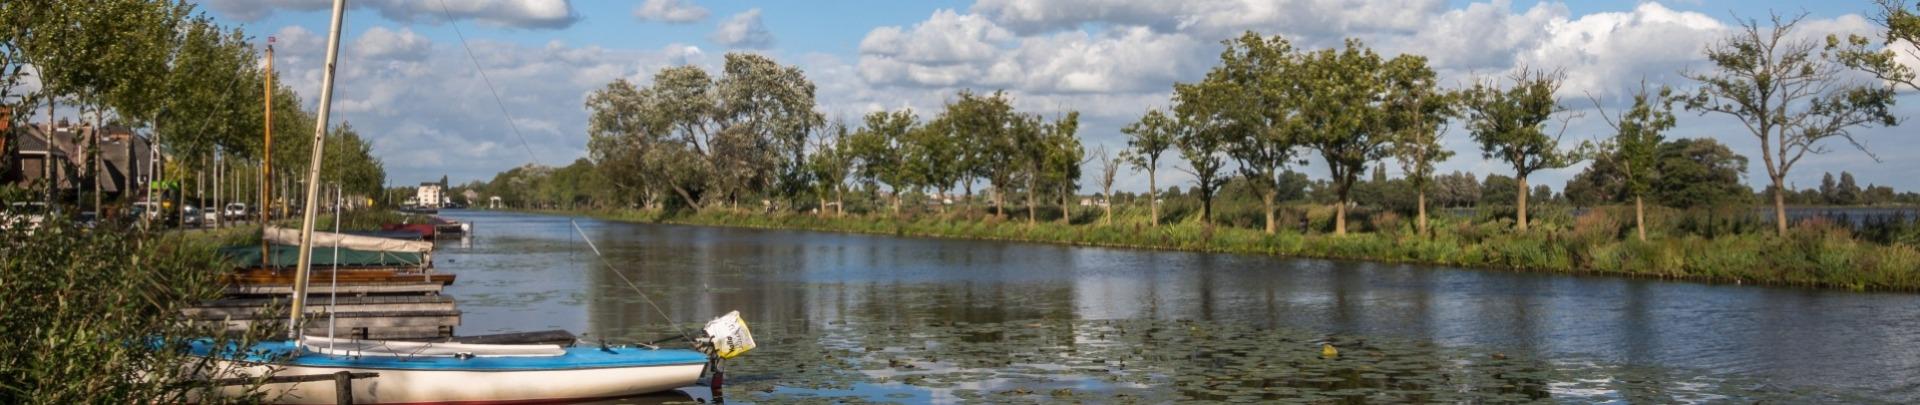 Foto van de Breevaart in Reeuwijk